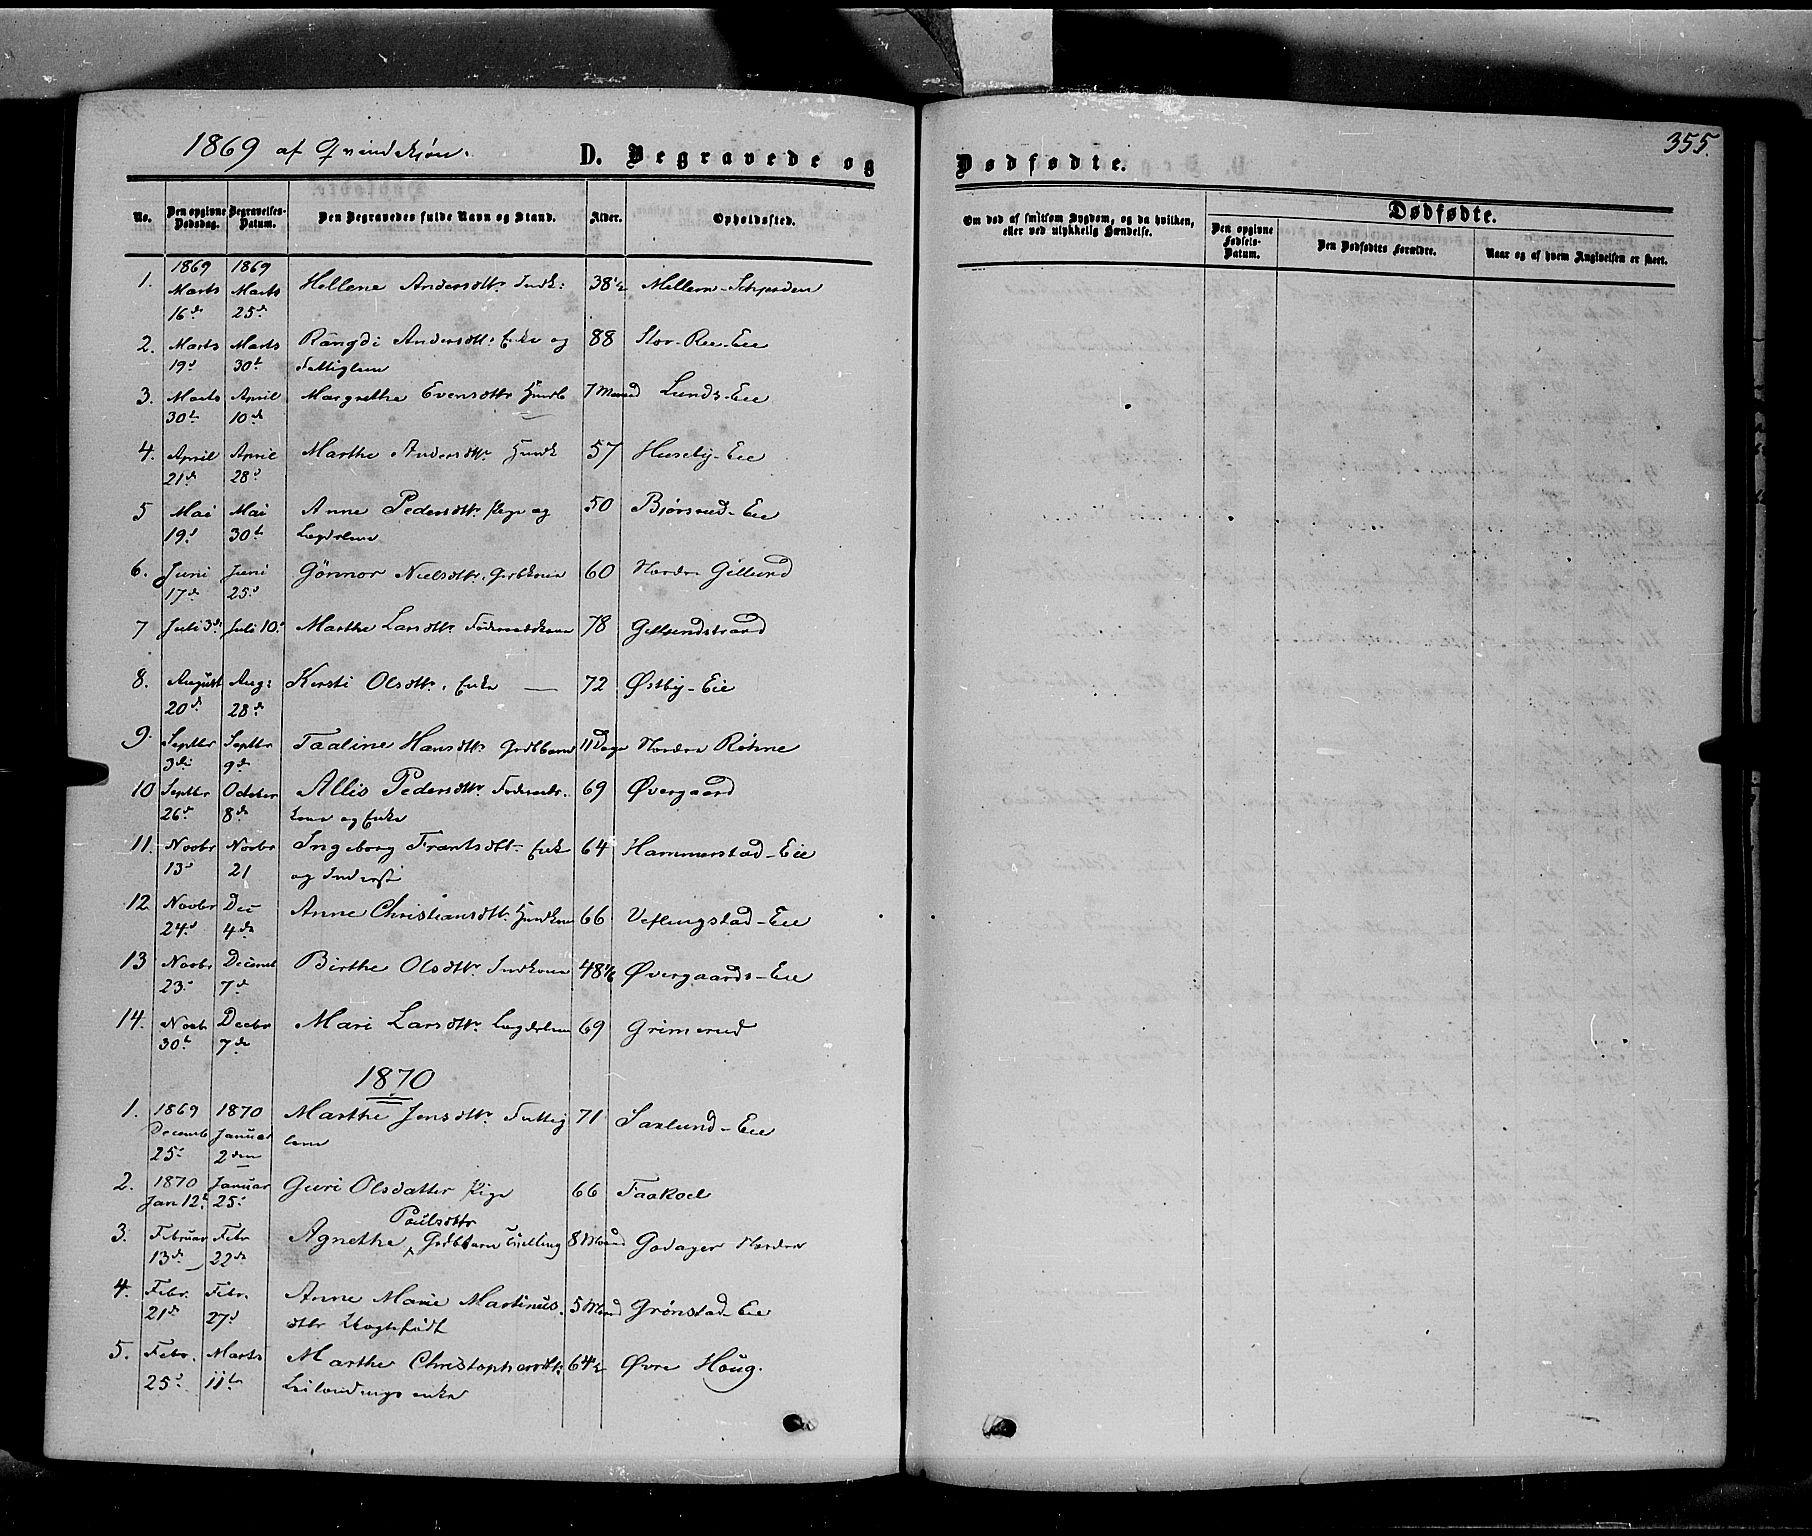 SAH, Stange prestekontor, K/L0013: Parish register (official) no. 13, 1862-1879, p. 355